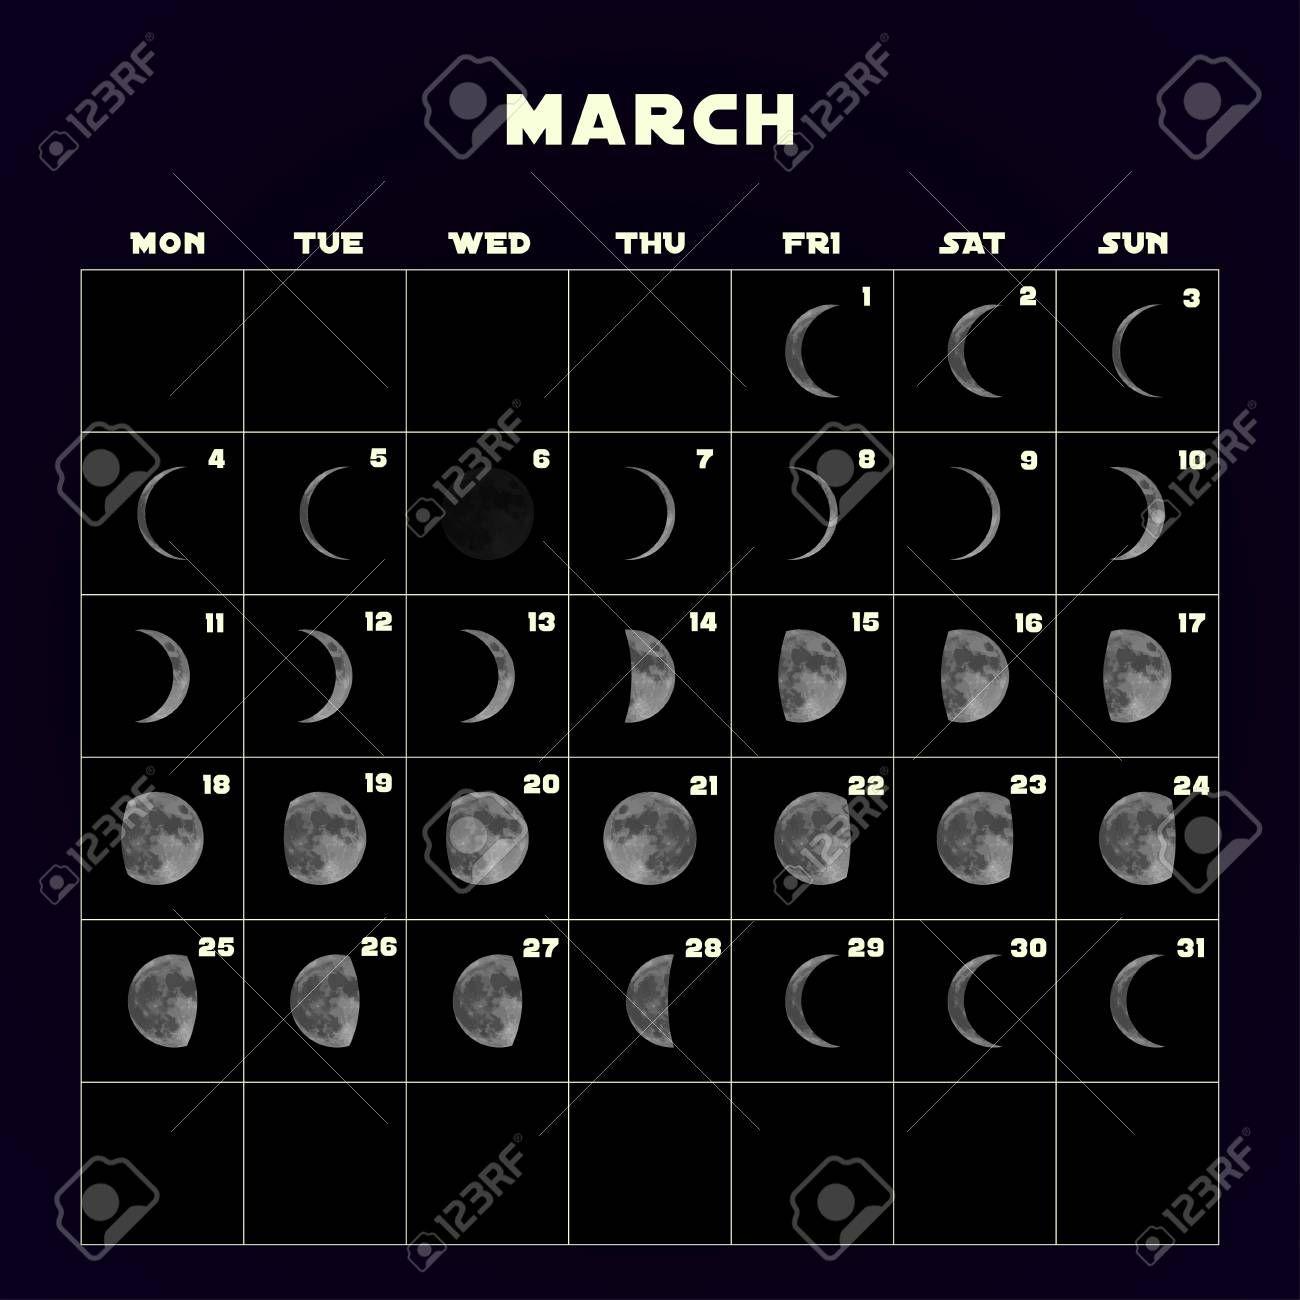 March 2019 Moon Phases Calendar Moon Phase Calendar New Moon